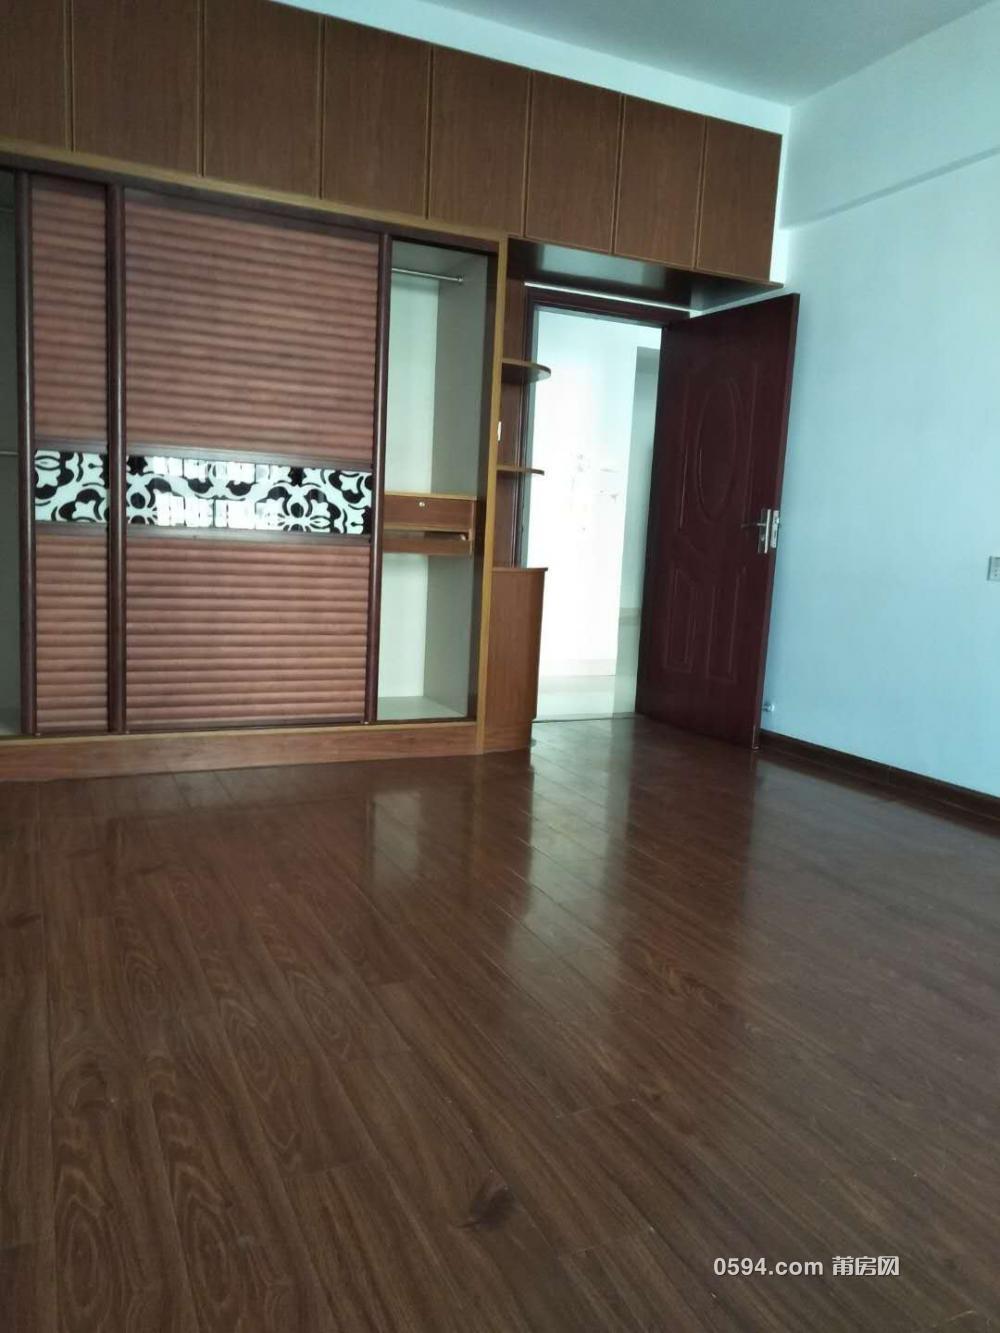 大唐广场 套房出租 4房2厅2卫 精装修180㎡只租3300 可办公居住-